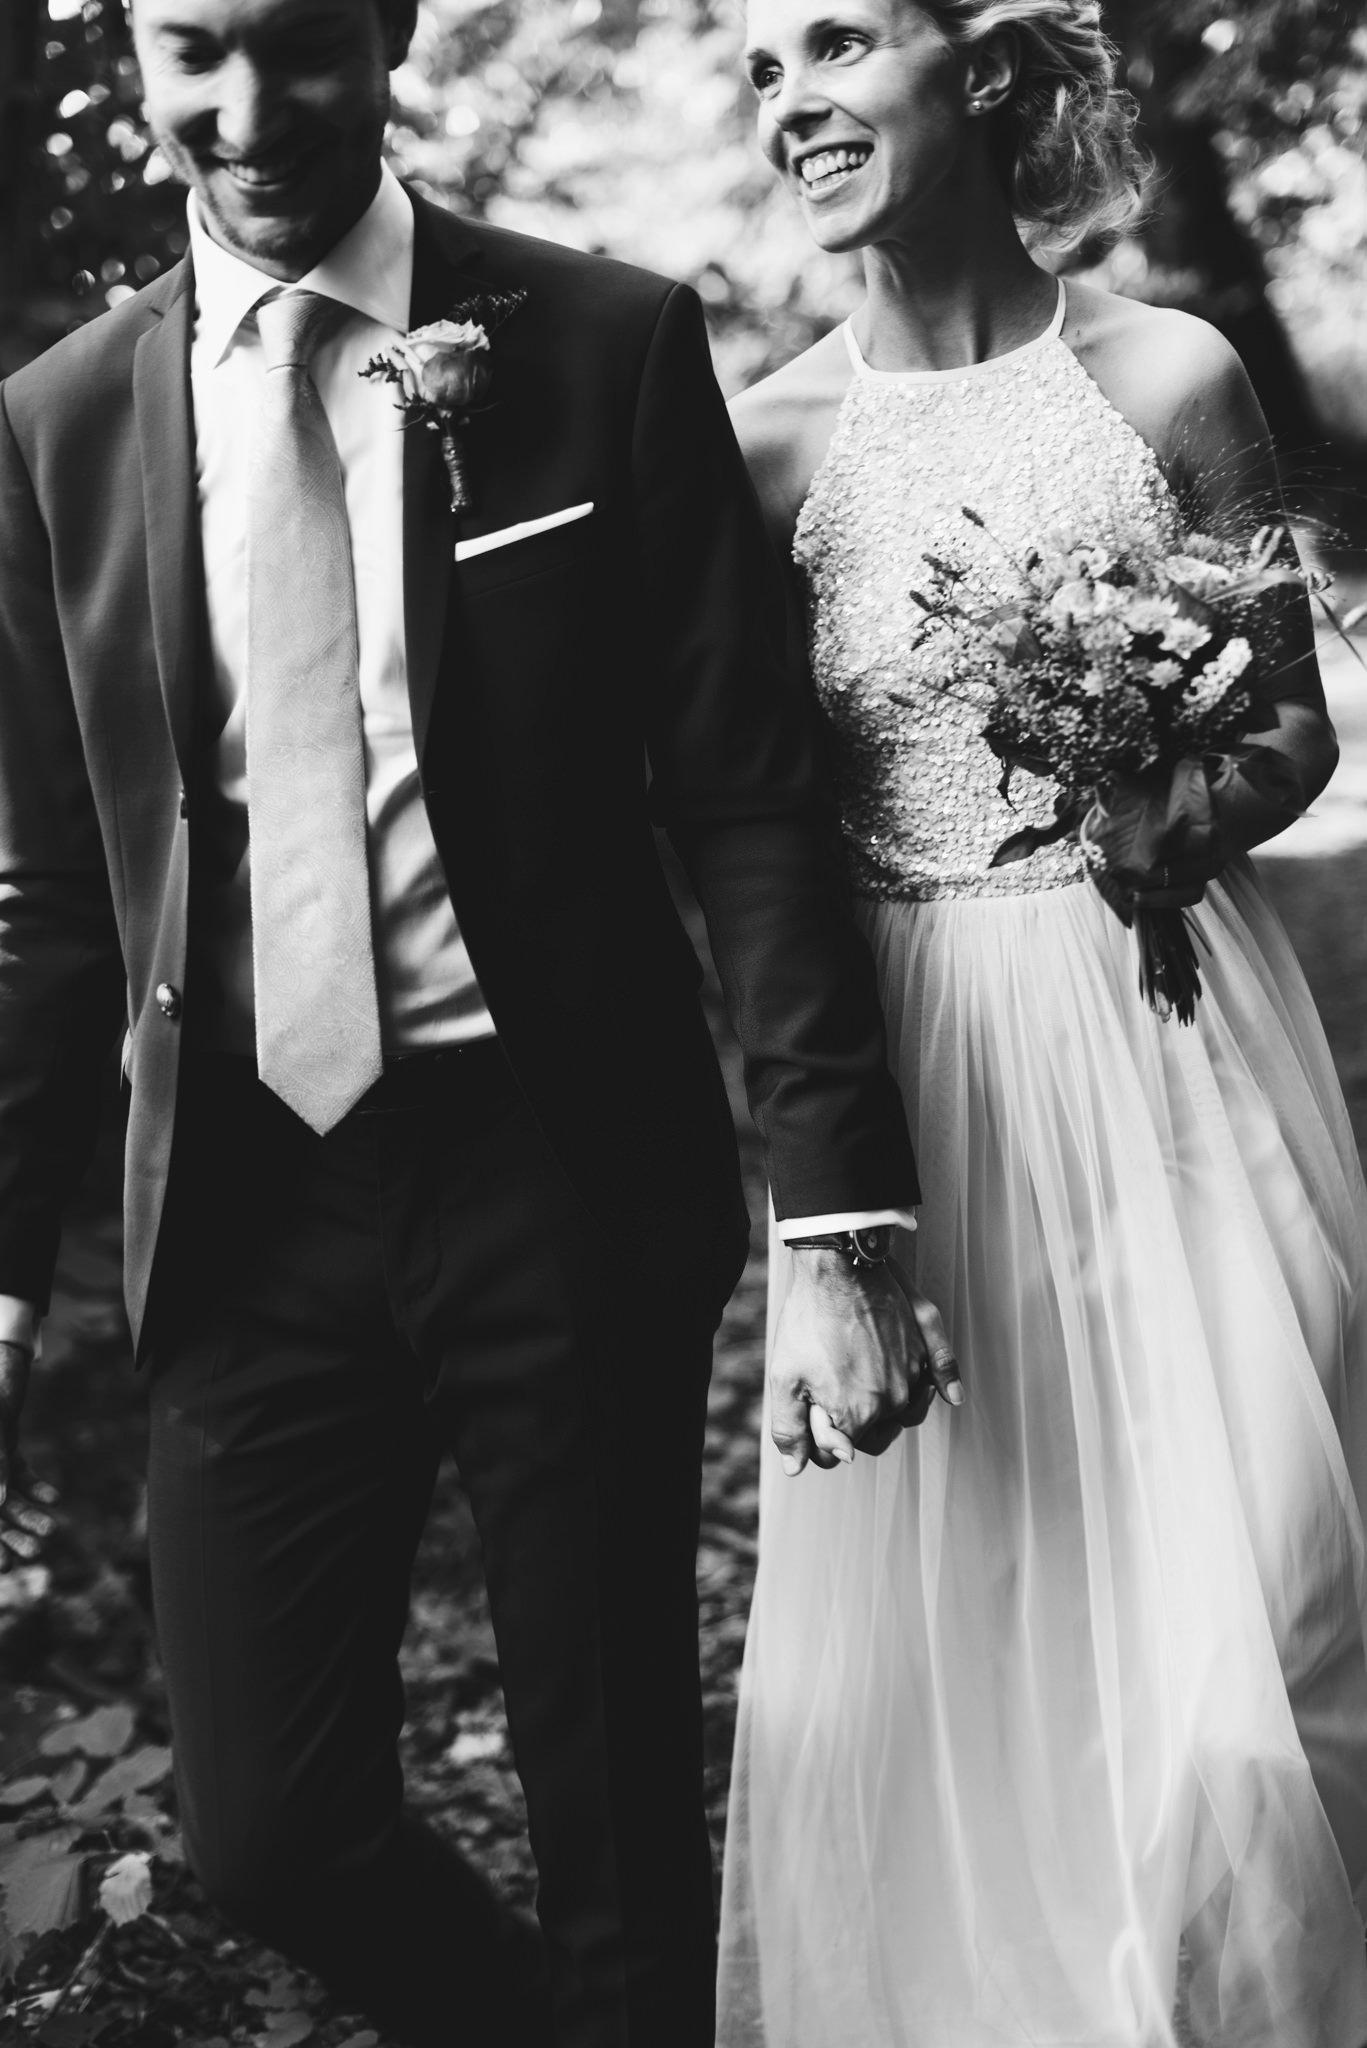 Tidlöst svartvitt bröllopsporträtt